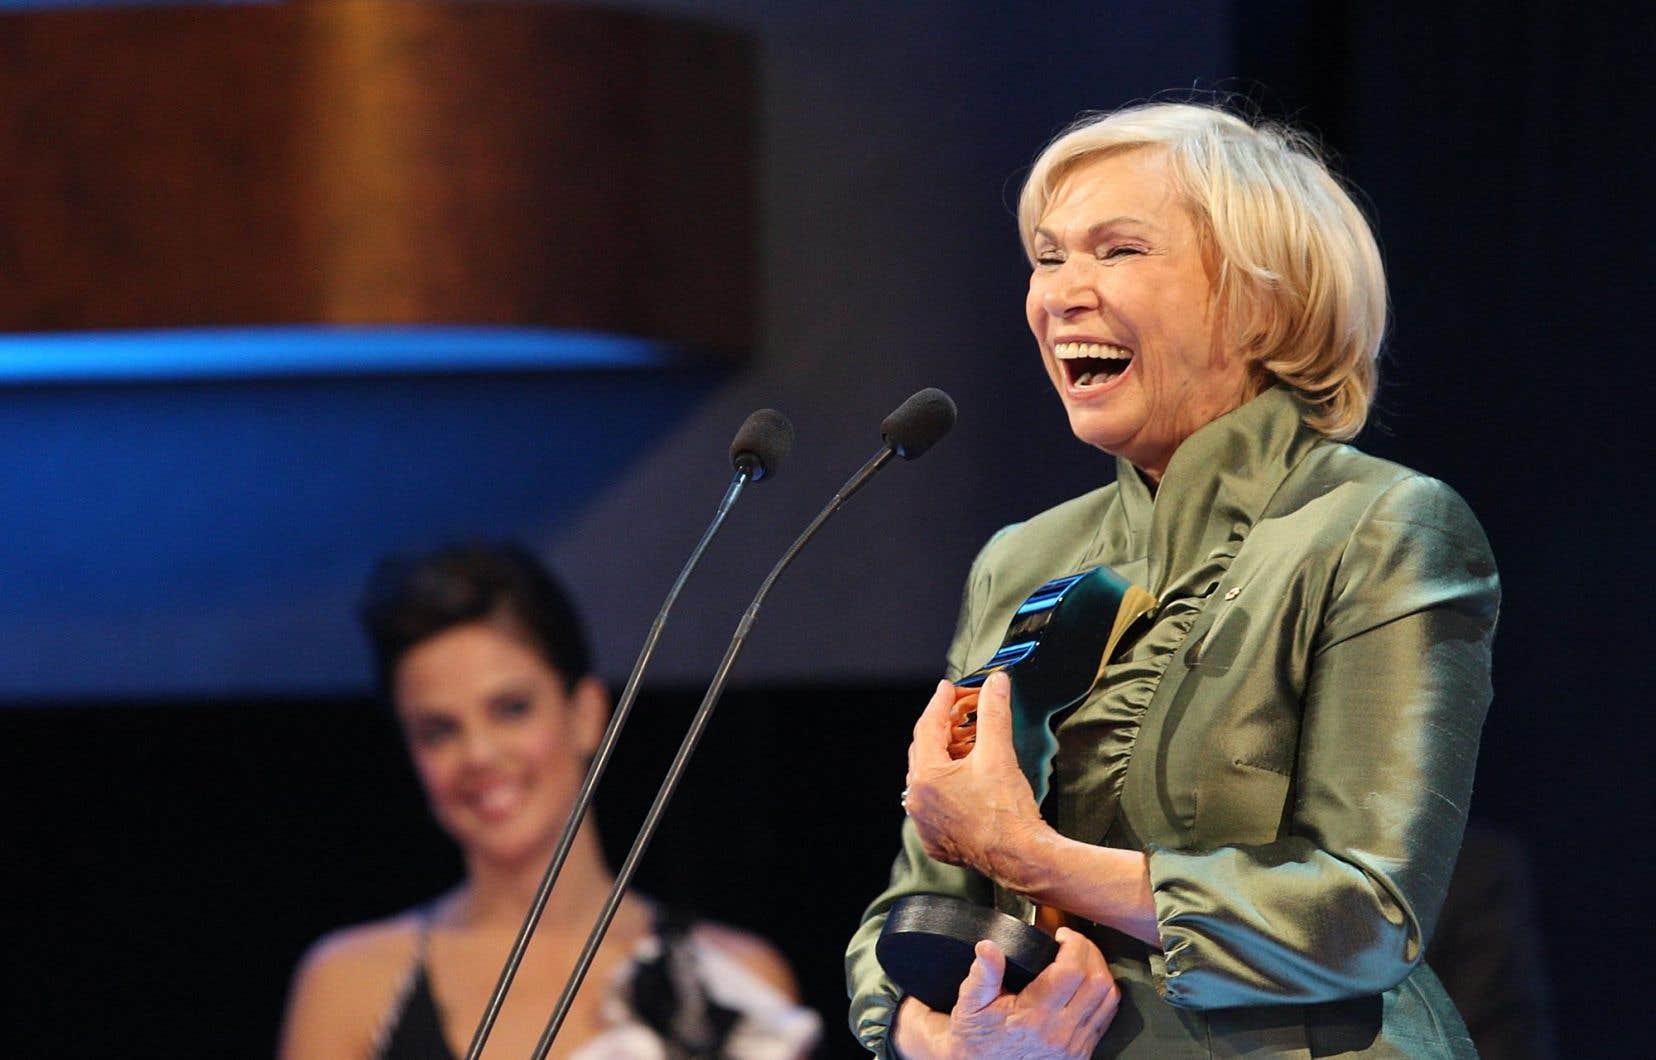 Monique Mercure a remportéle prix Gémeaux de la meilleure interprétation féminine en 2007 et en 2009 (photo).